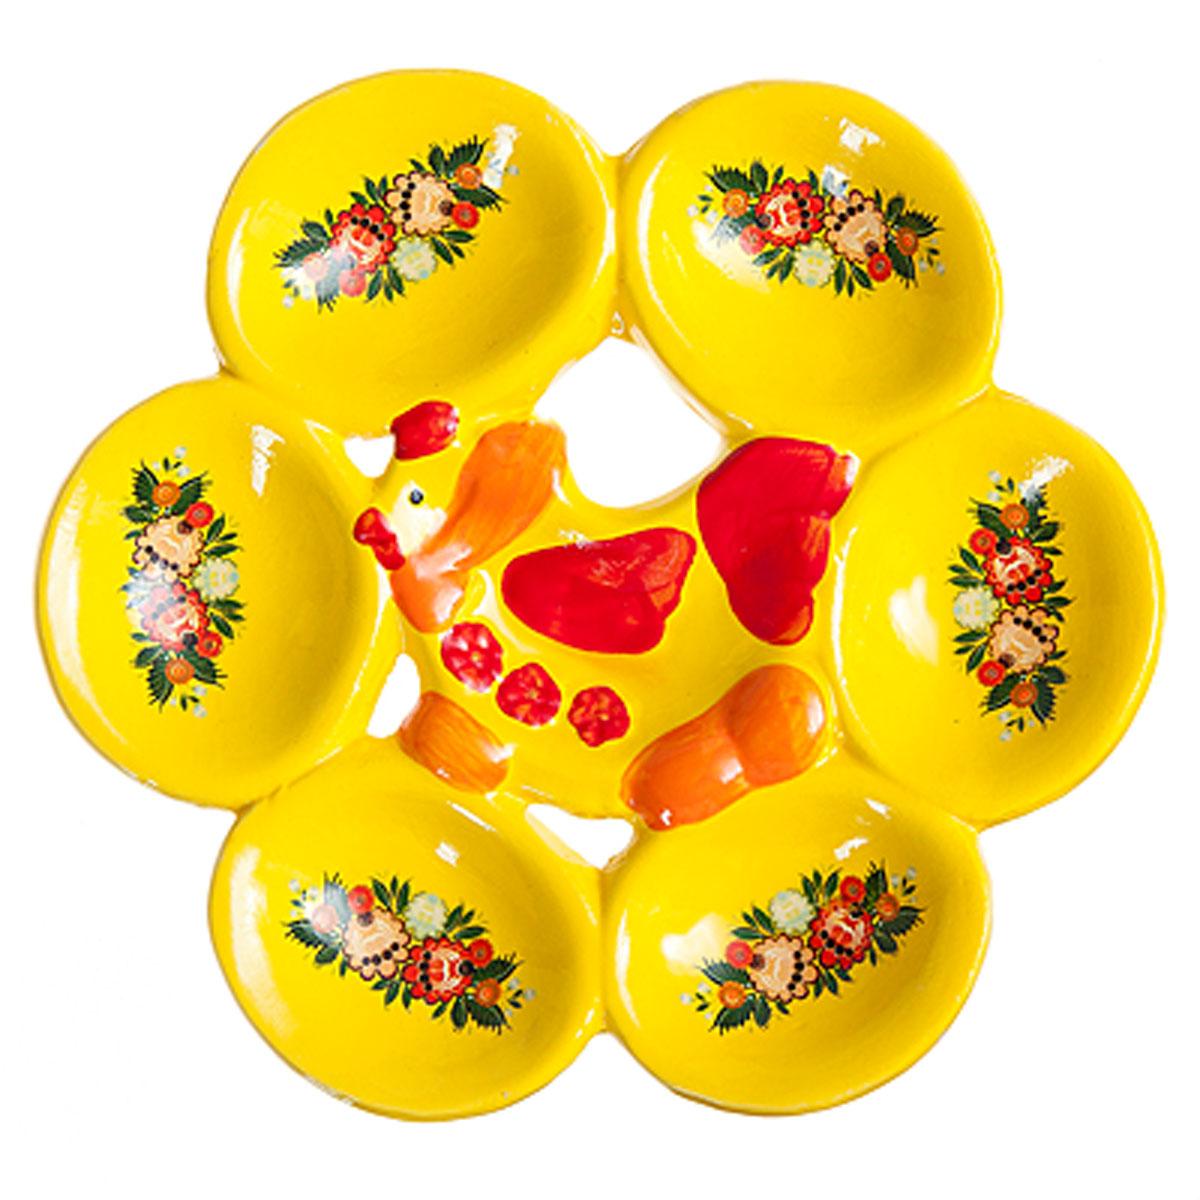 Подставка под яйца Home Queen Узорная курочка, цвет: желтый, красный, 6 ячеек66720Подставка Home Queen Узорная курочка станет оригинальным украшением праздничного стола на Пасху. Изделие изготовлено из керамики и служит держателем для яиц. Подставка выполнена в виде забавной курочки с шестью ячейками для яиц и декорирована цветочным рисунком. Подставка Home Queen Узорная курочка может стать красивым пасхальным подарком для друзей или близких. Размер подставки: 18 см х 16,5 см х 2 см. Размер ячейки: 5 см х 6 см.